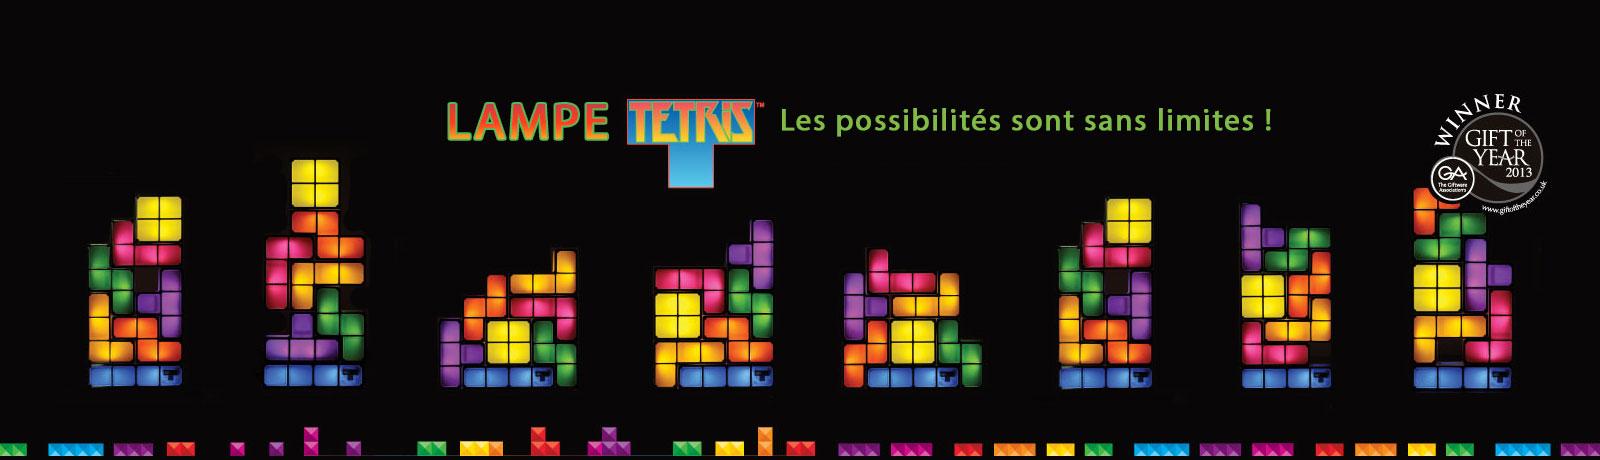 La lampe Tetris est modulable à l'infini. Ces blocs lumineux sont sans limites.